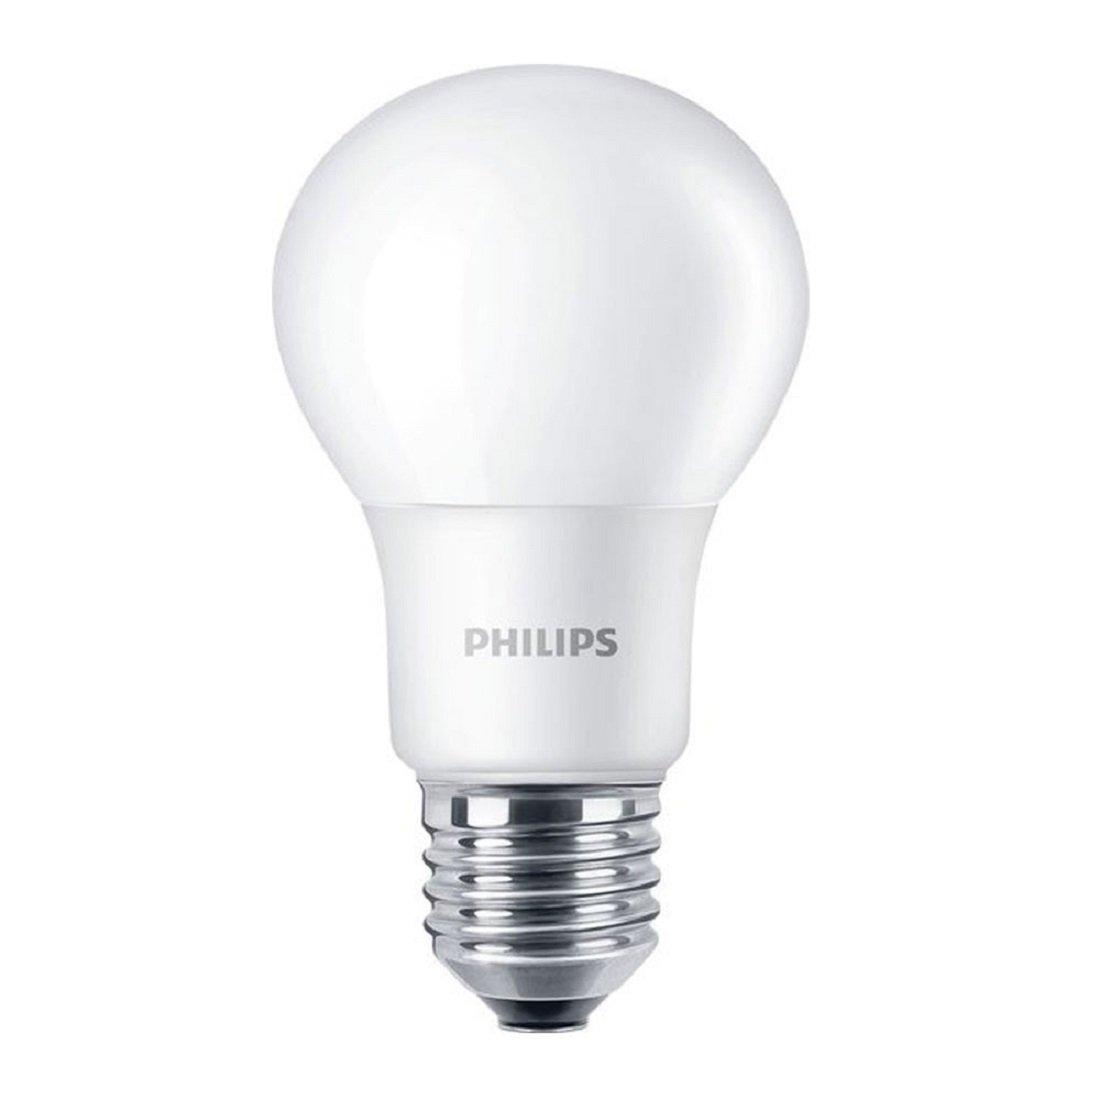 Philips LED E27 A60 5.5W 827 Mat Dimbaar - Vervangt 40W